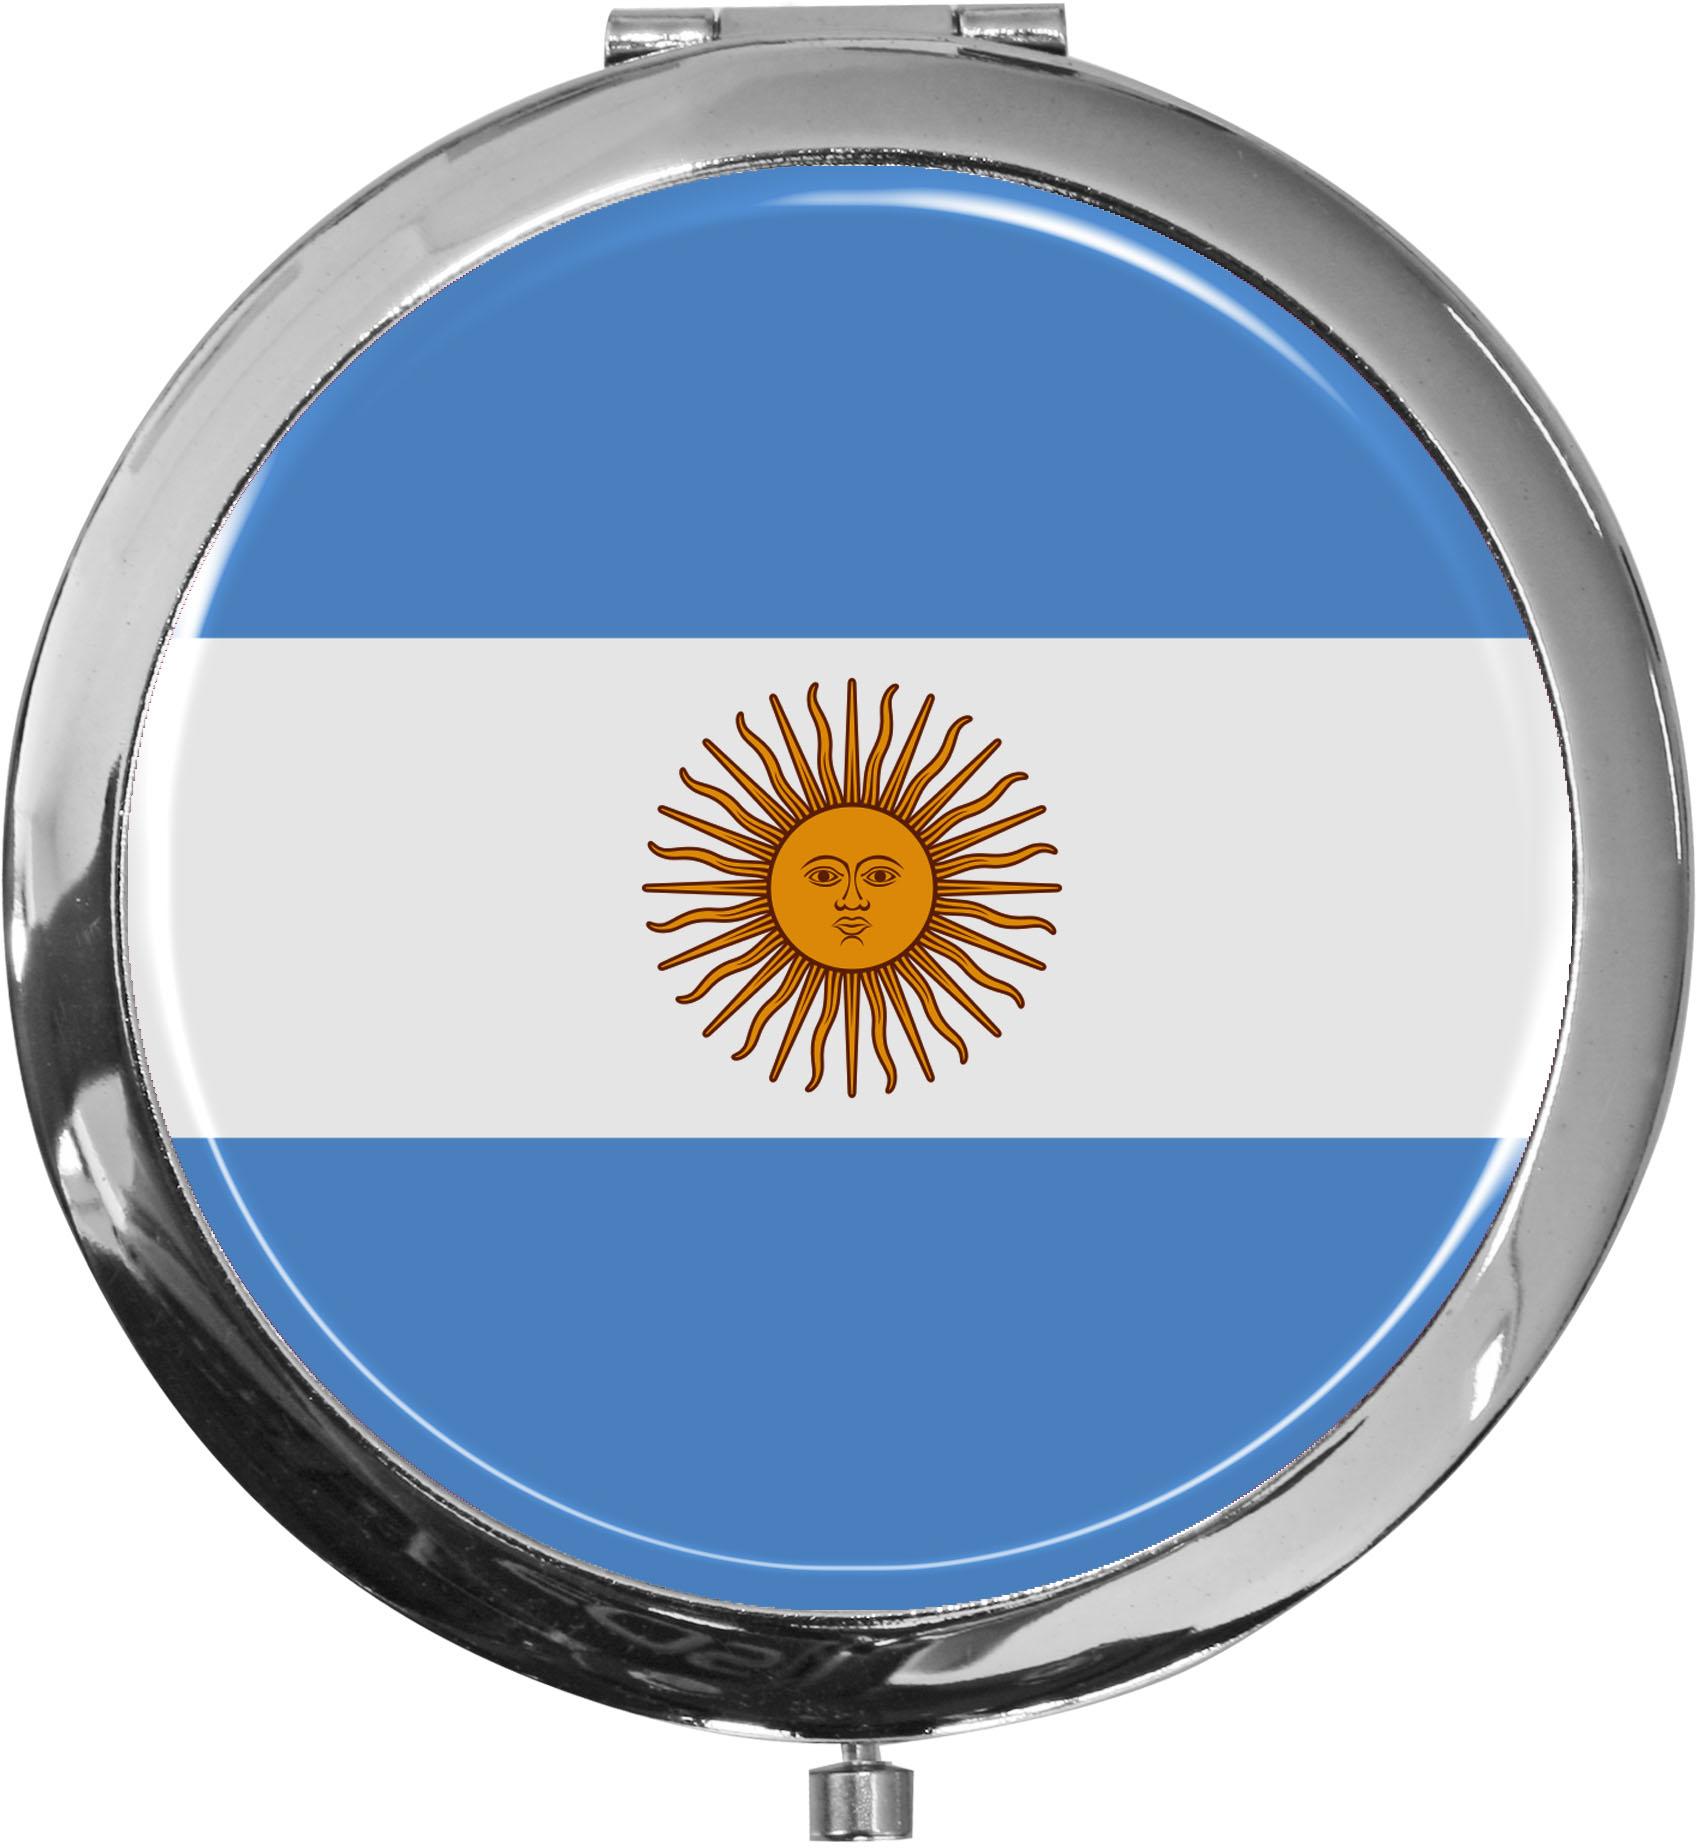 Taschenspiegel / Spiegel / Flagge Argentinien / 2 fache Vergrößerung